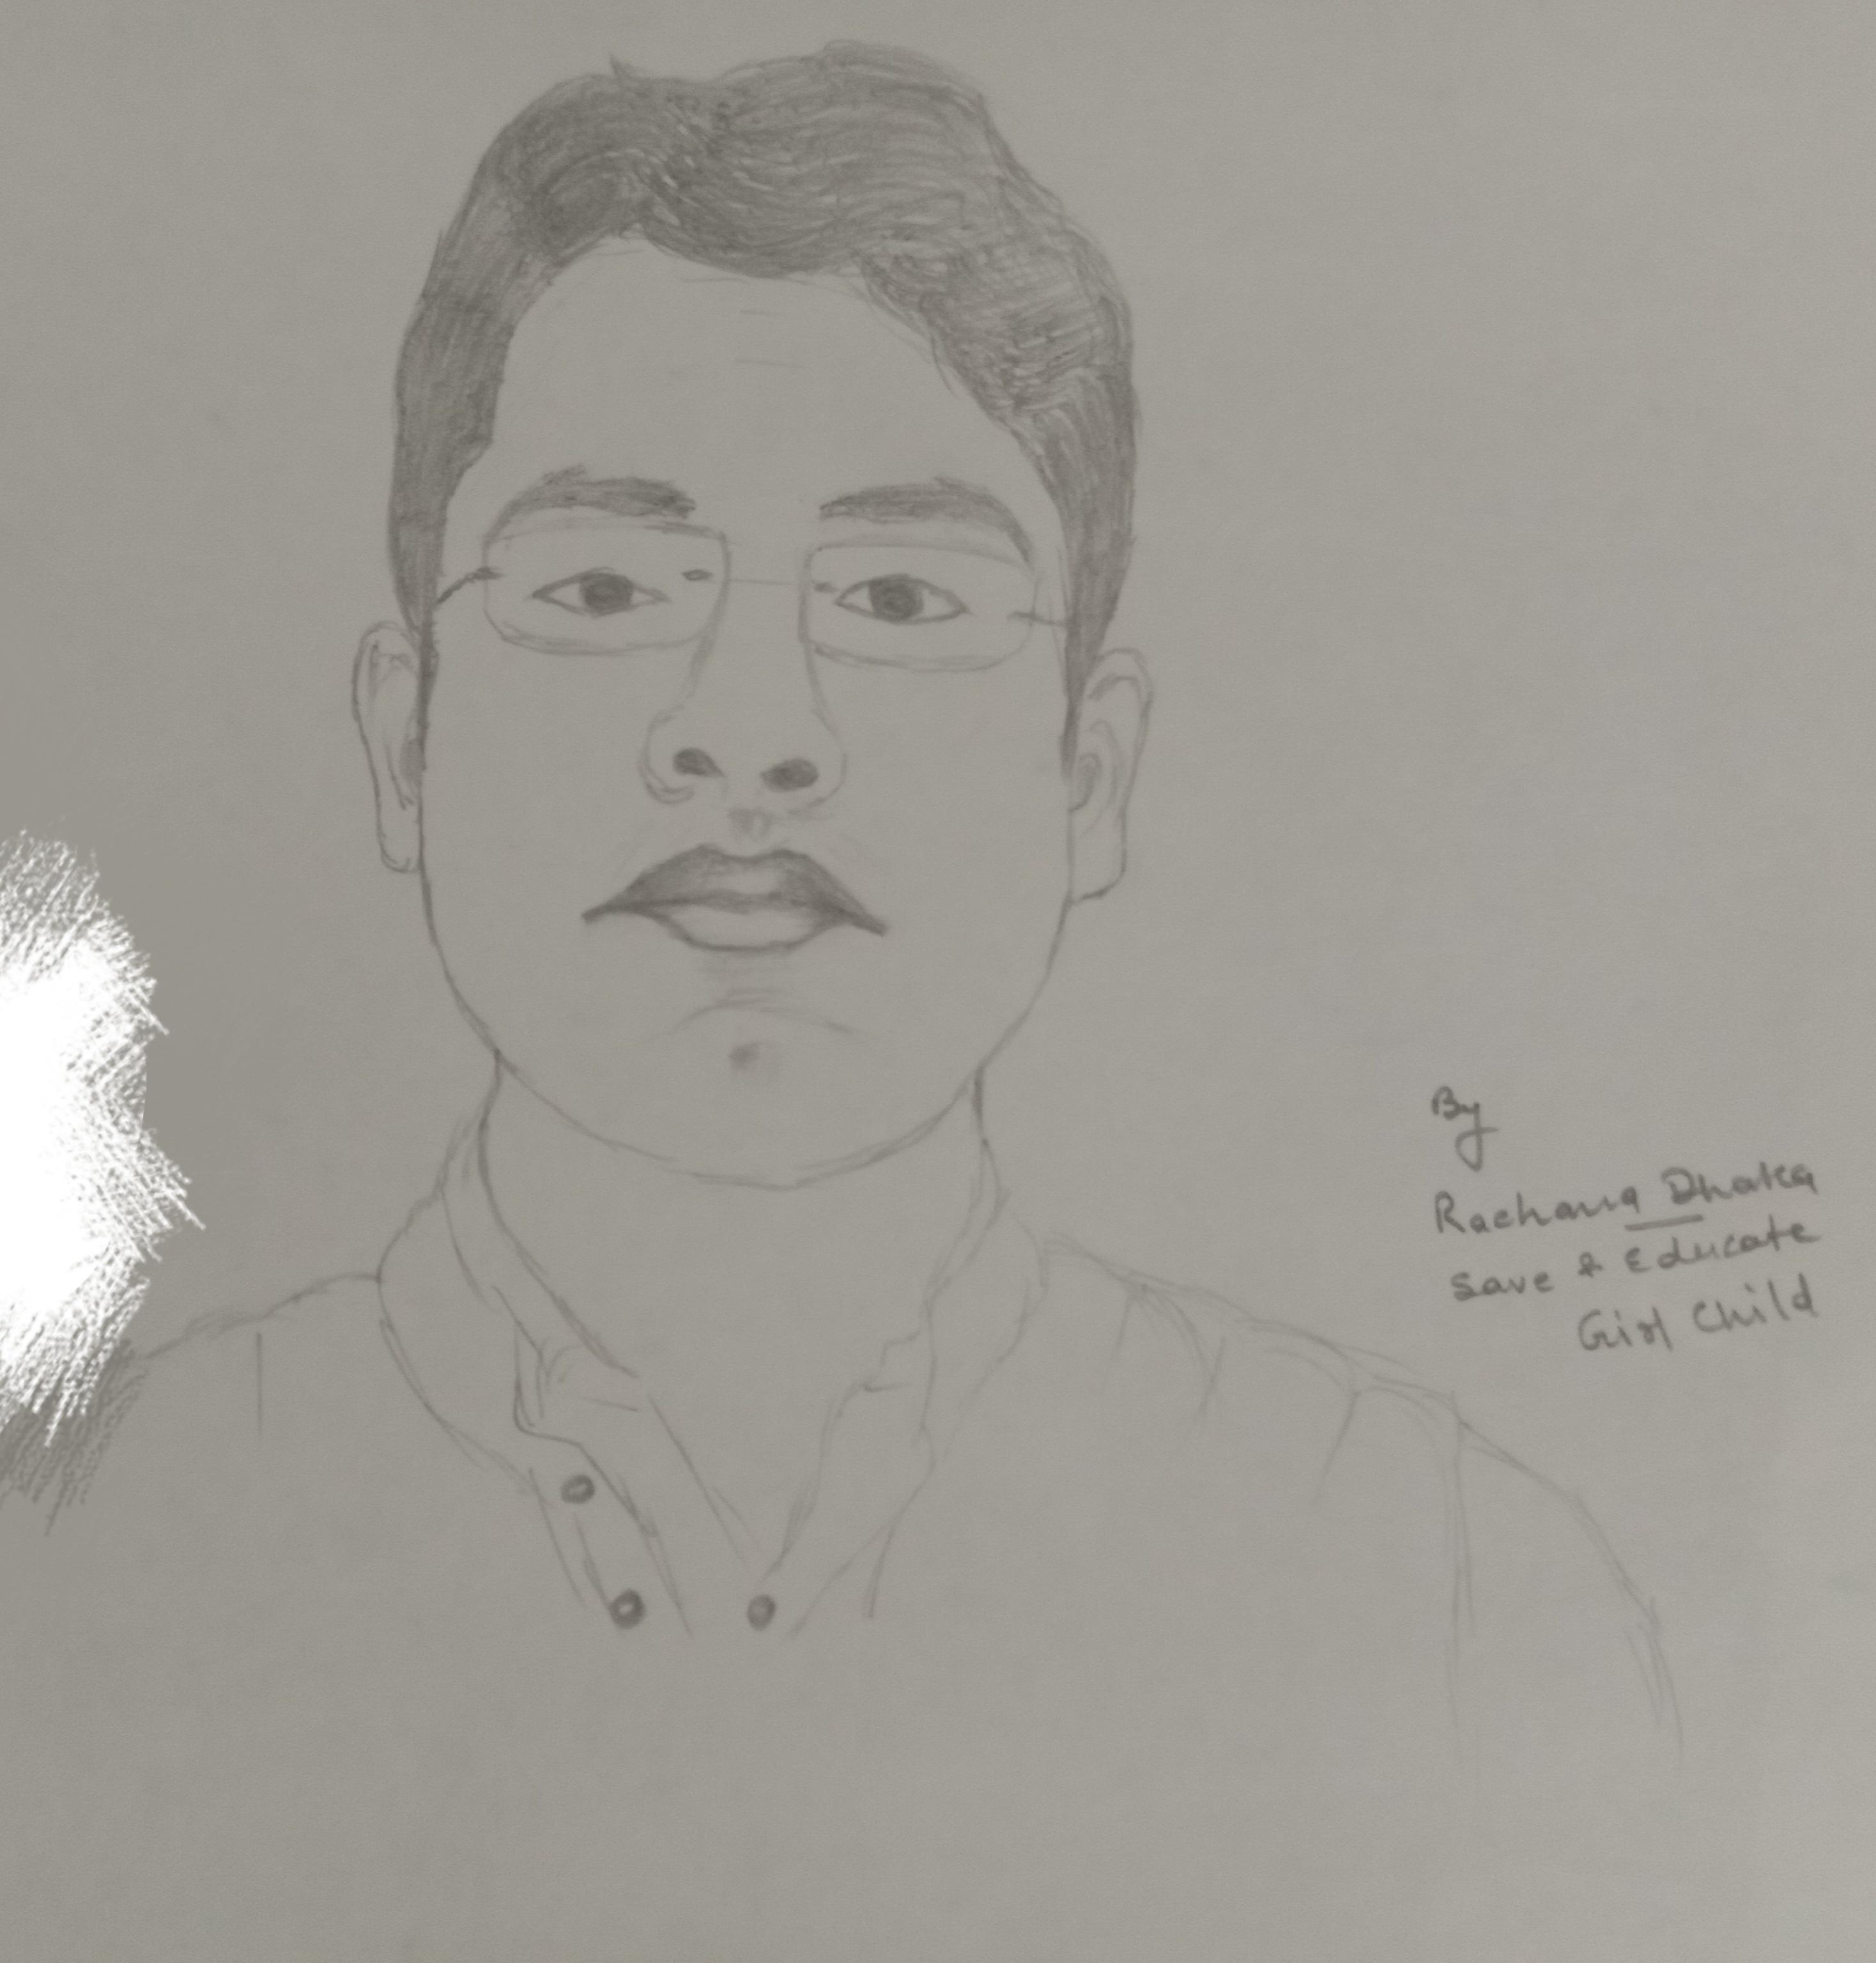 Sketch no. 20